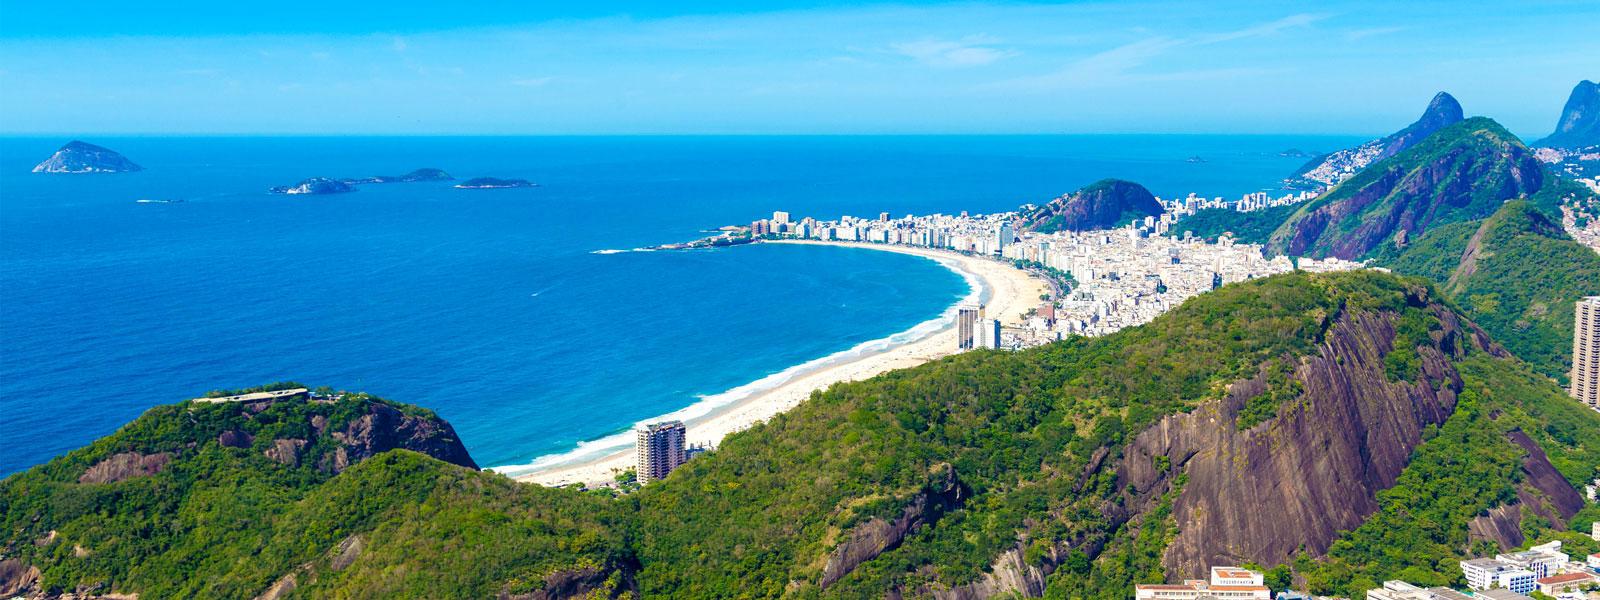 Brasiliens Strände Botagogo, Copacabana und Ipanema